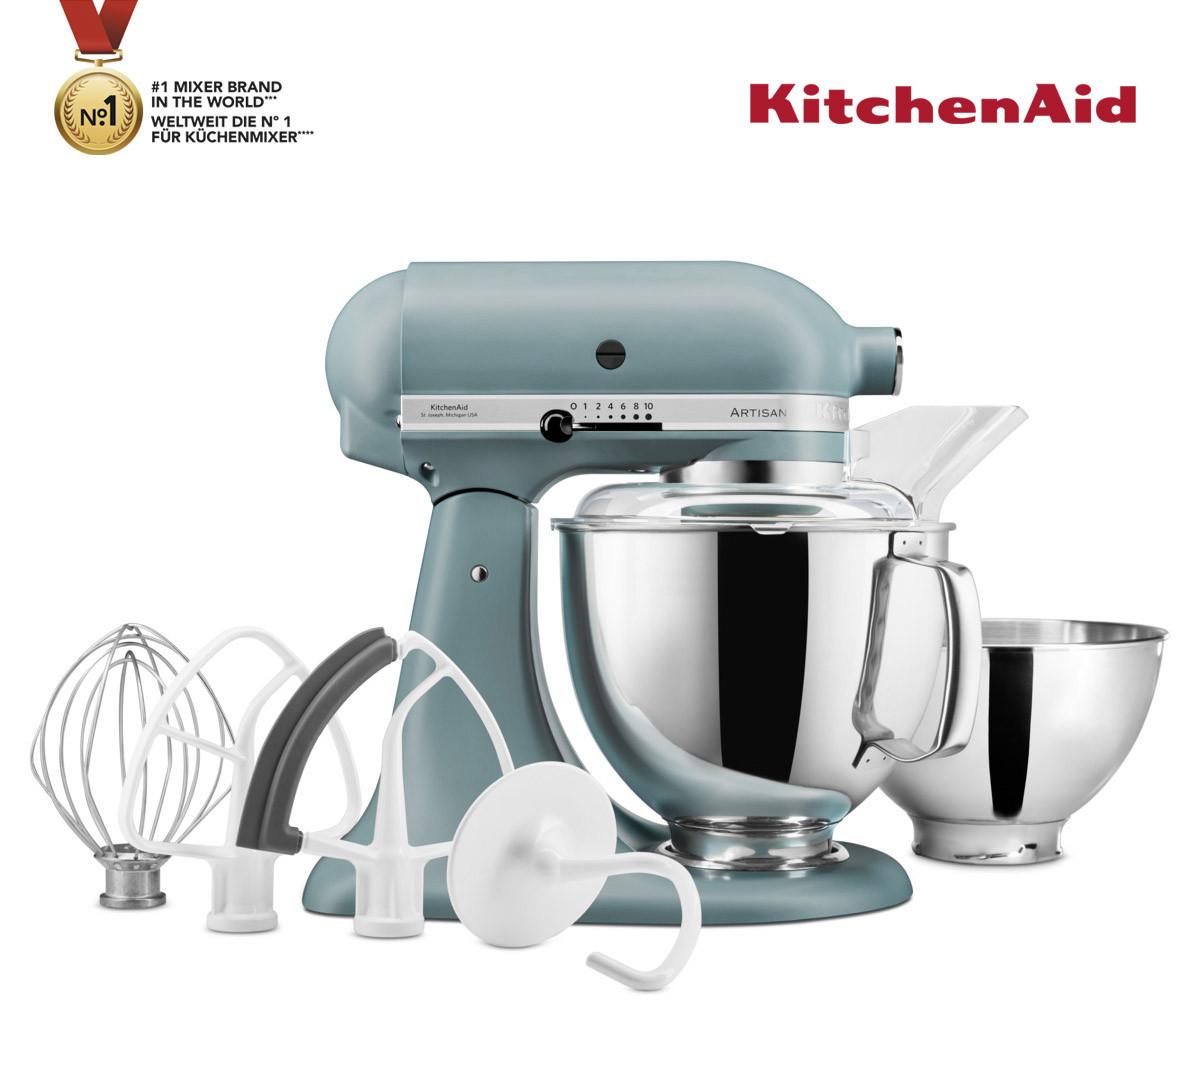 KitchenAid Artisan Küchenmaschine 175PS 4.8 L NEBELBLAU - Auststattung